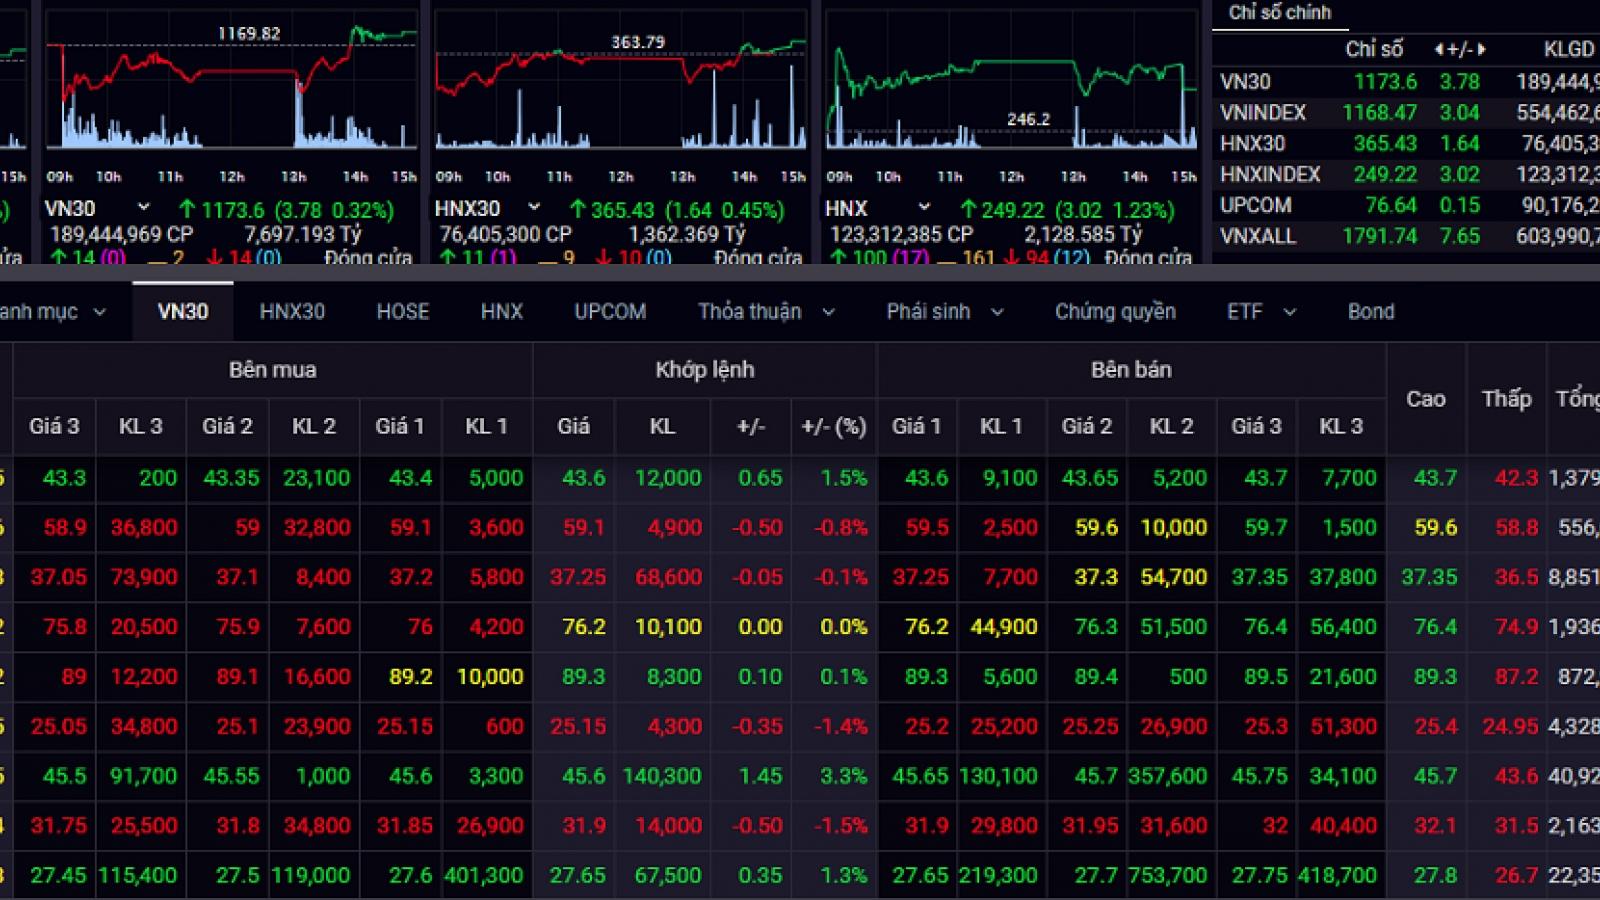 Thị trường chứng khoán hồi phục tích cực, VN-Index tăng hơn 3 điểm